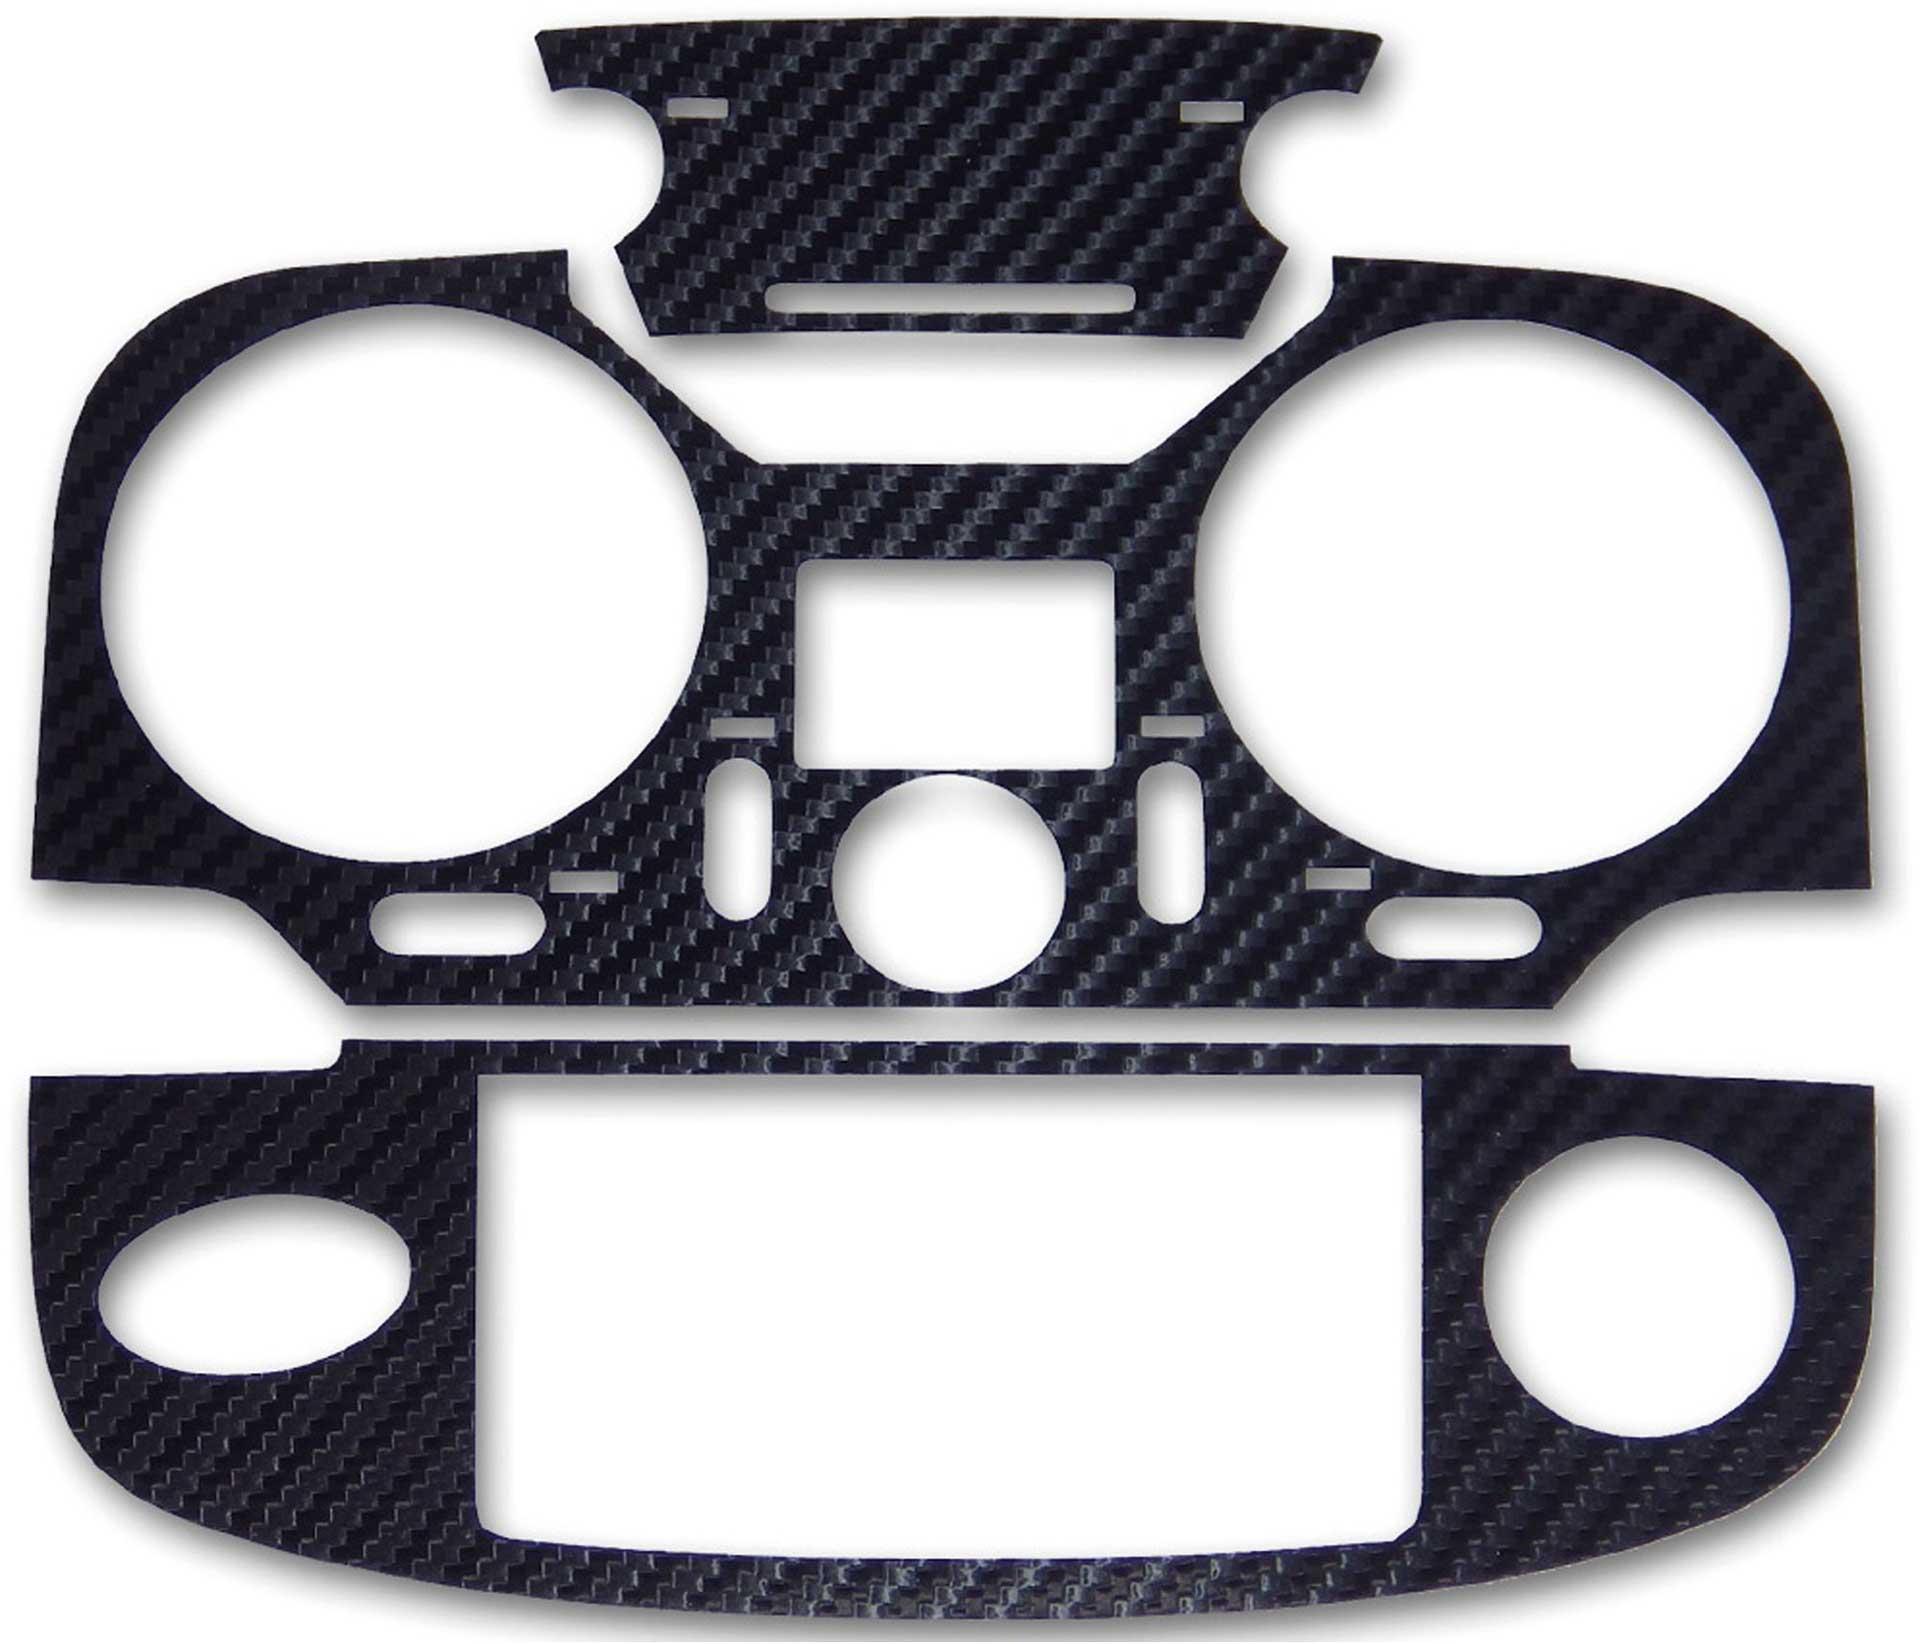 ACT T12K 3D-Folie Carbonlook schwarz